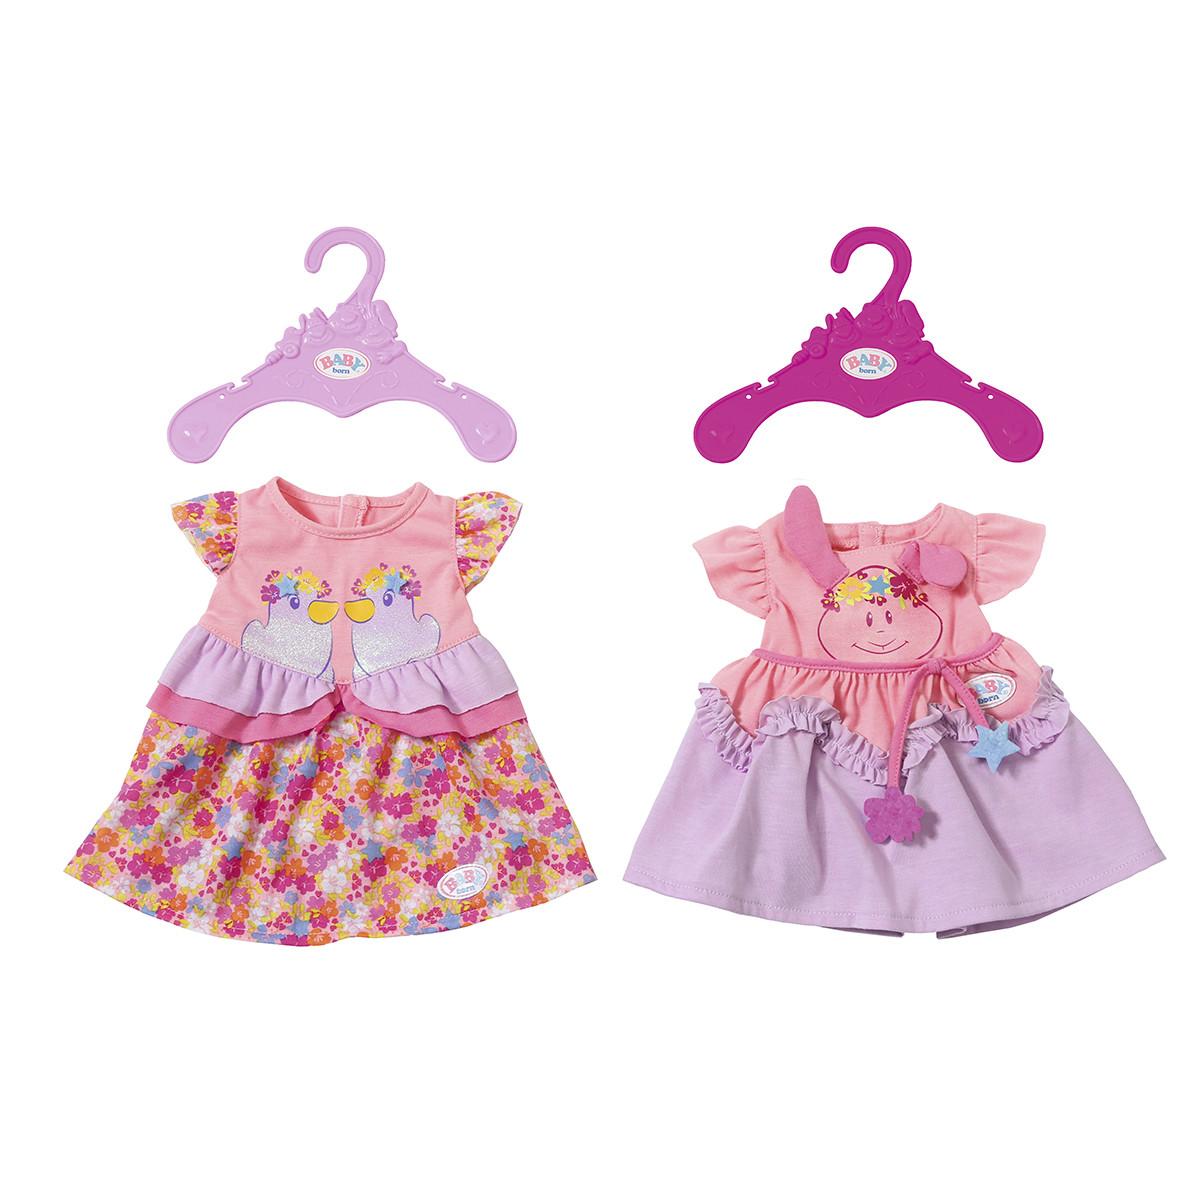 Одежда Праздничное платье для куклы Baby Born, 824559